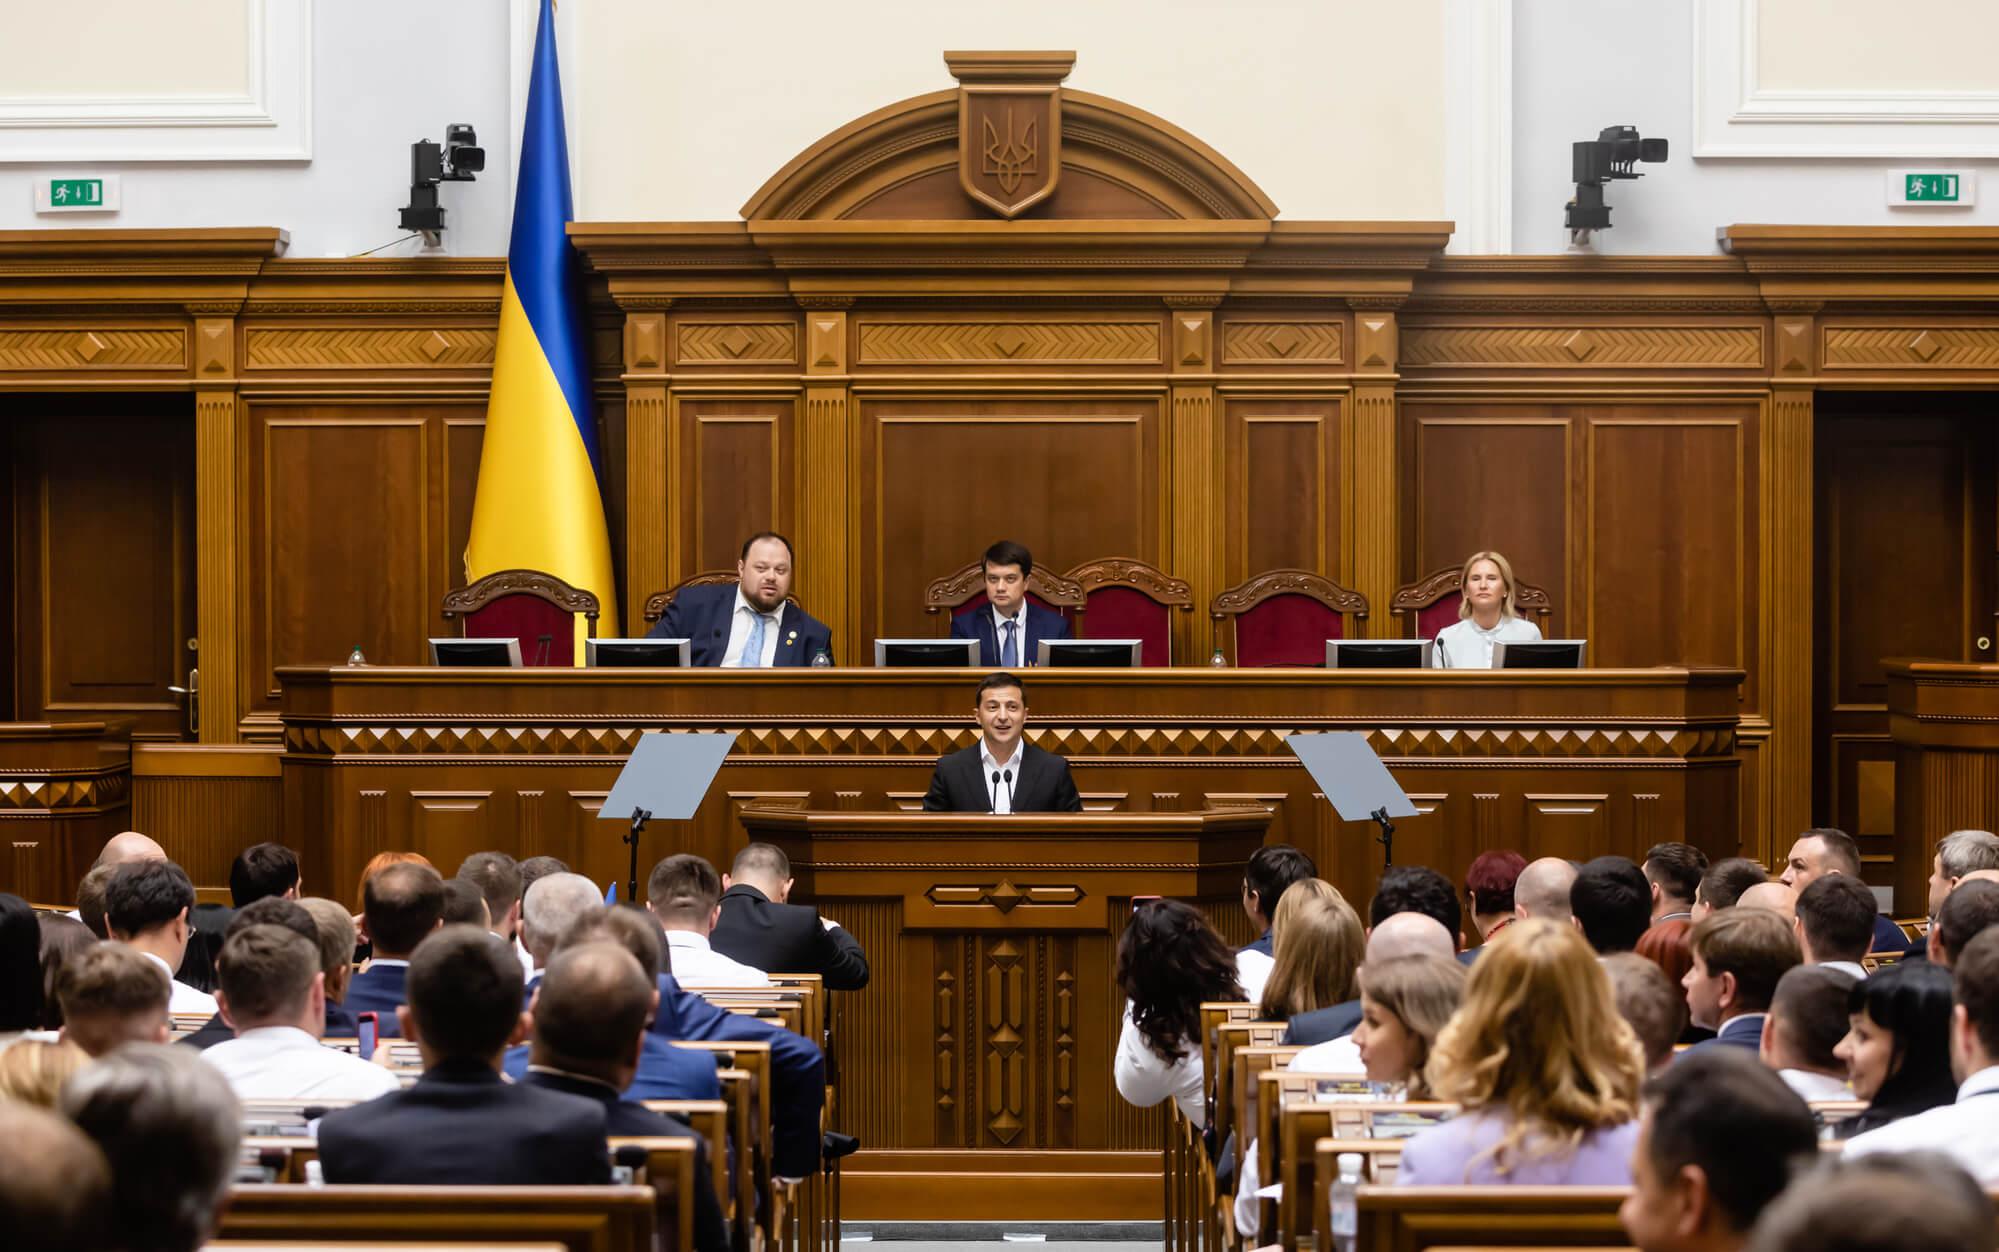 Альтернативна реальність нового українського парламенту